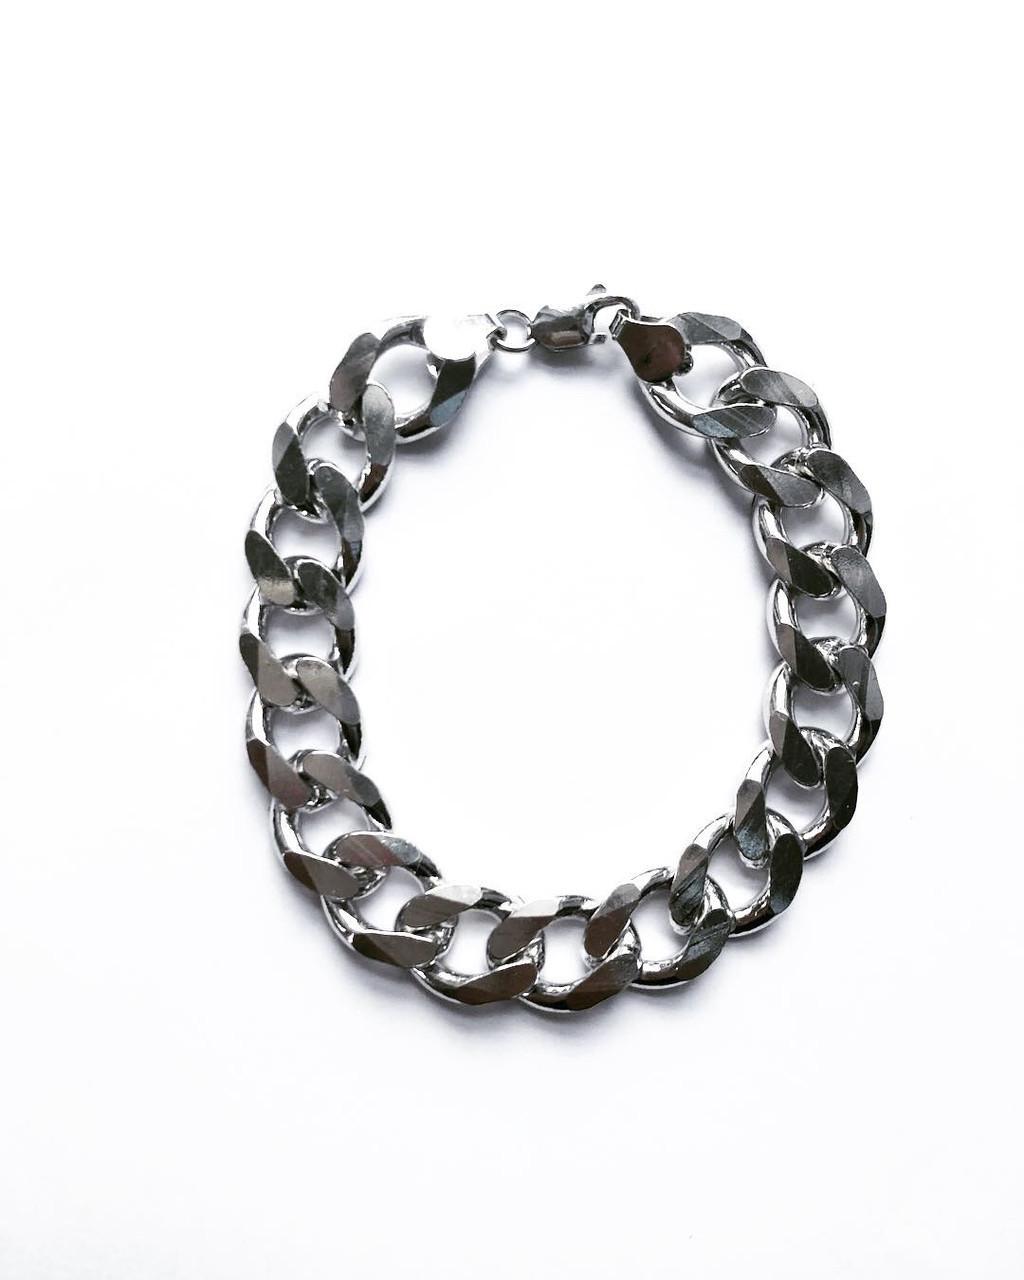 Мужской браслет из серебра Beauty Bar  23 см панцирное плетение 42,83 грамма